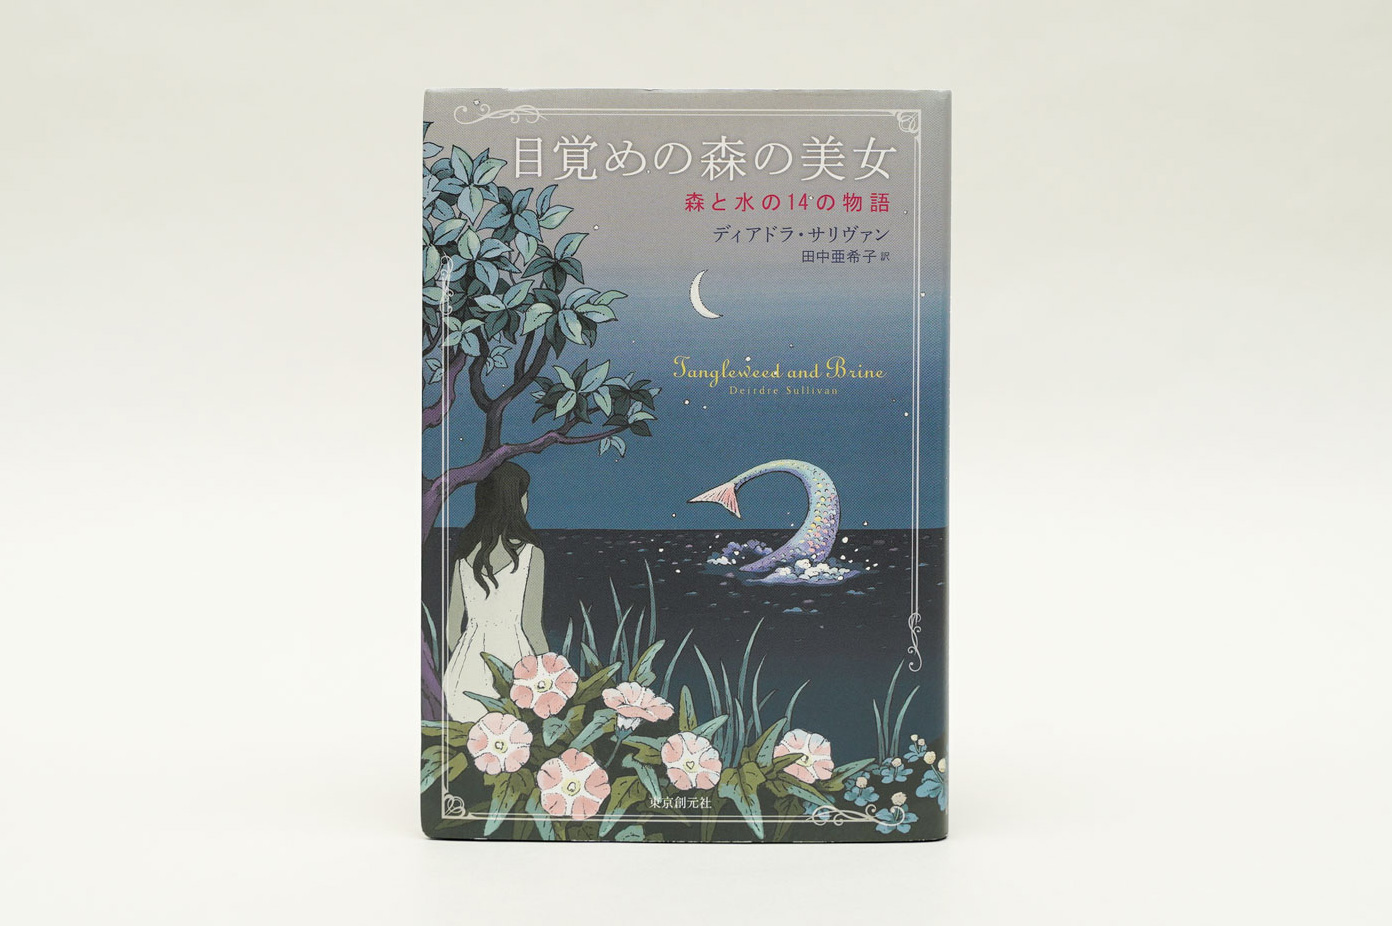 『目覚めの森の美女 森と水の14の物語』